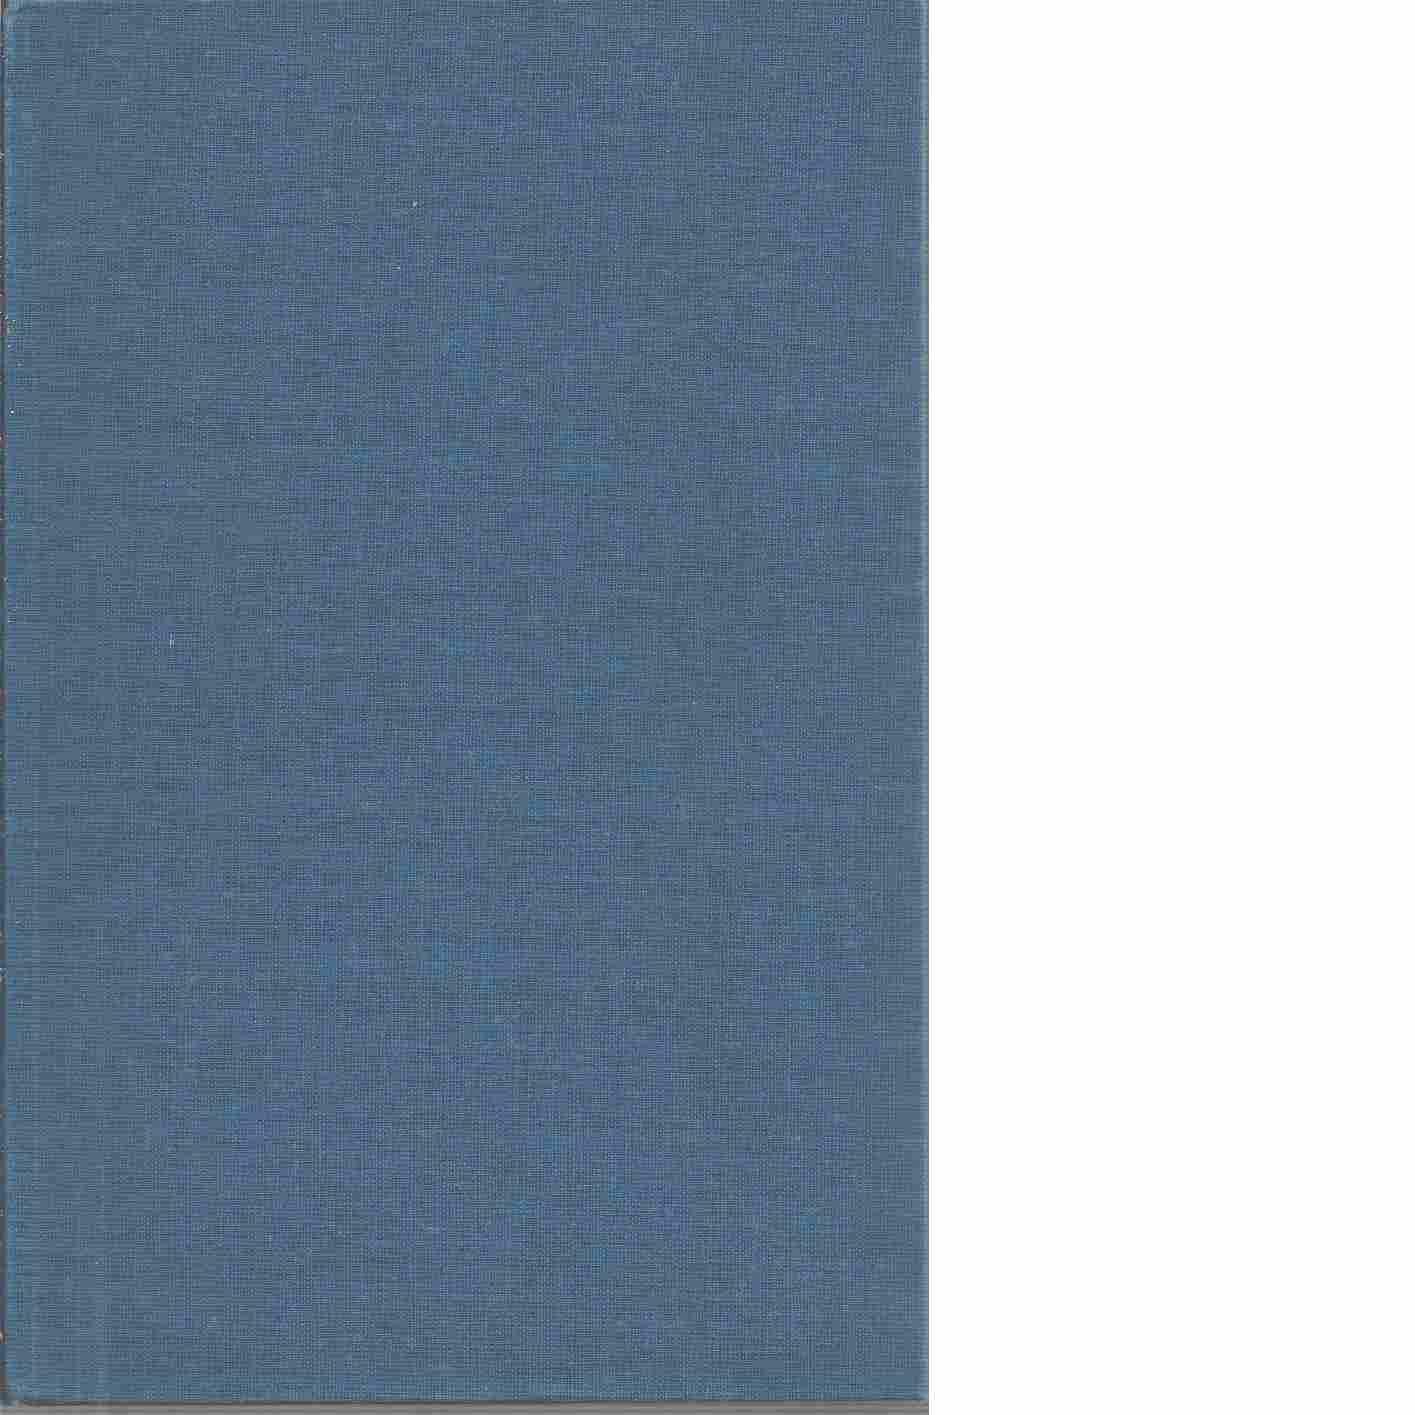 Antikviteter från när och fjärran - Benzon, Gorm